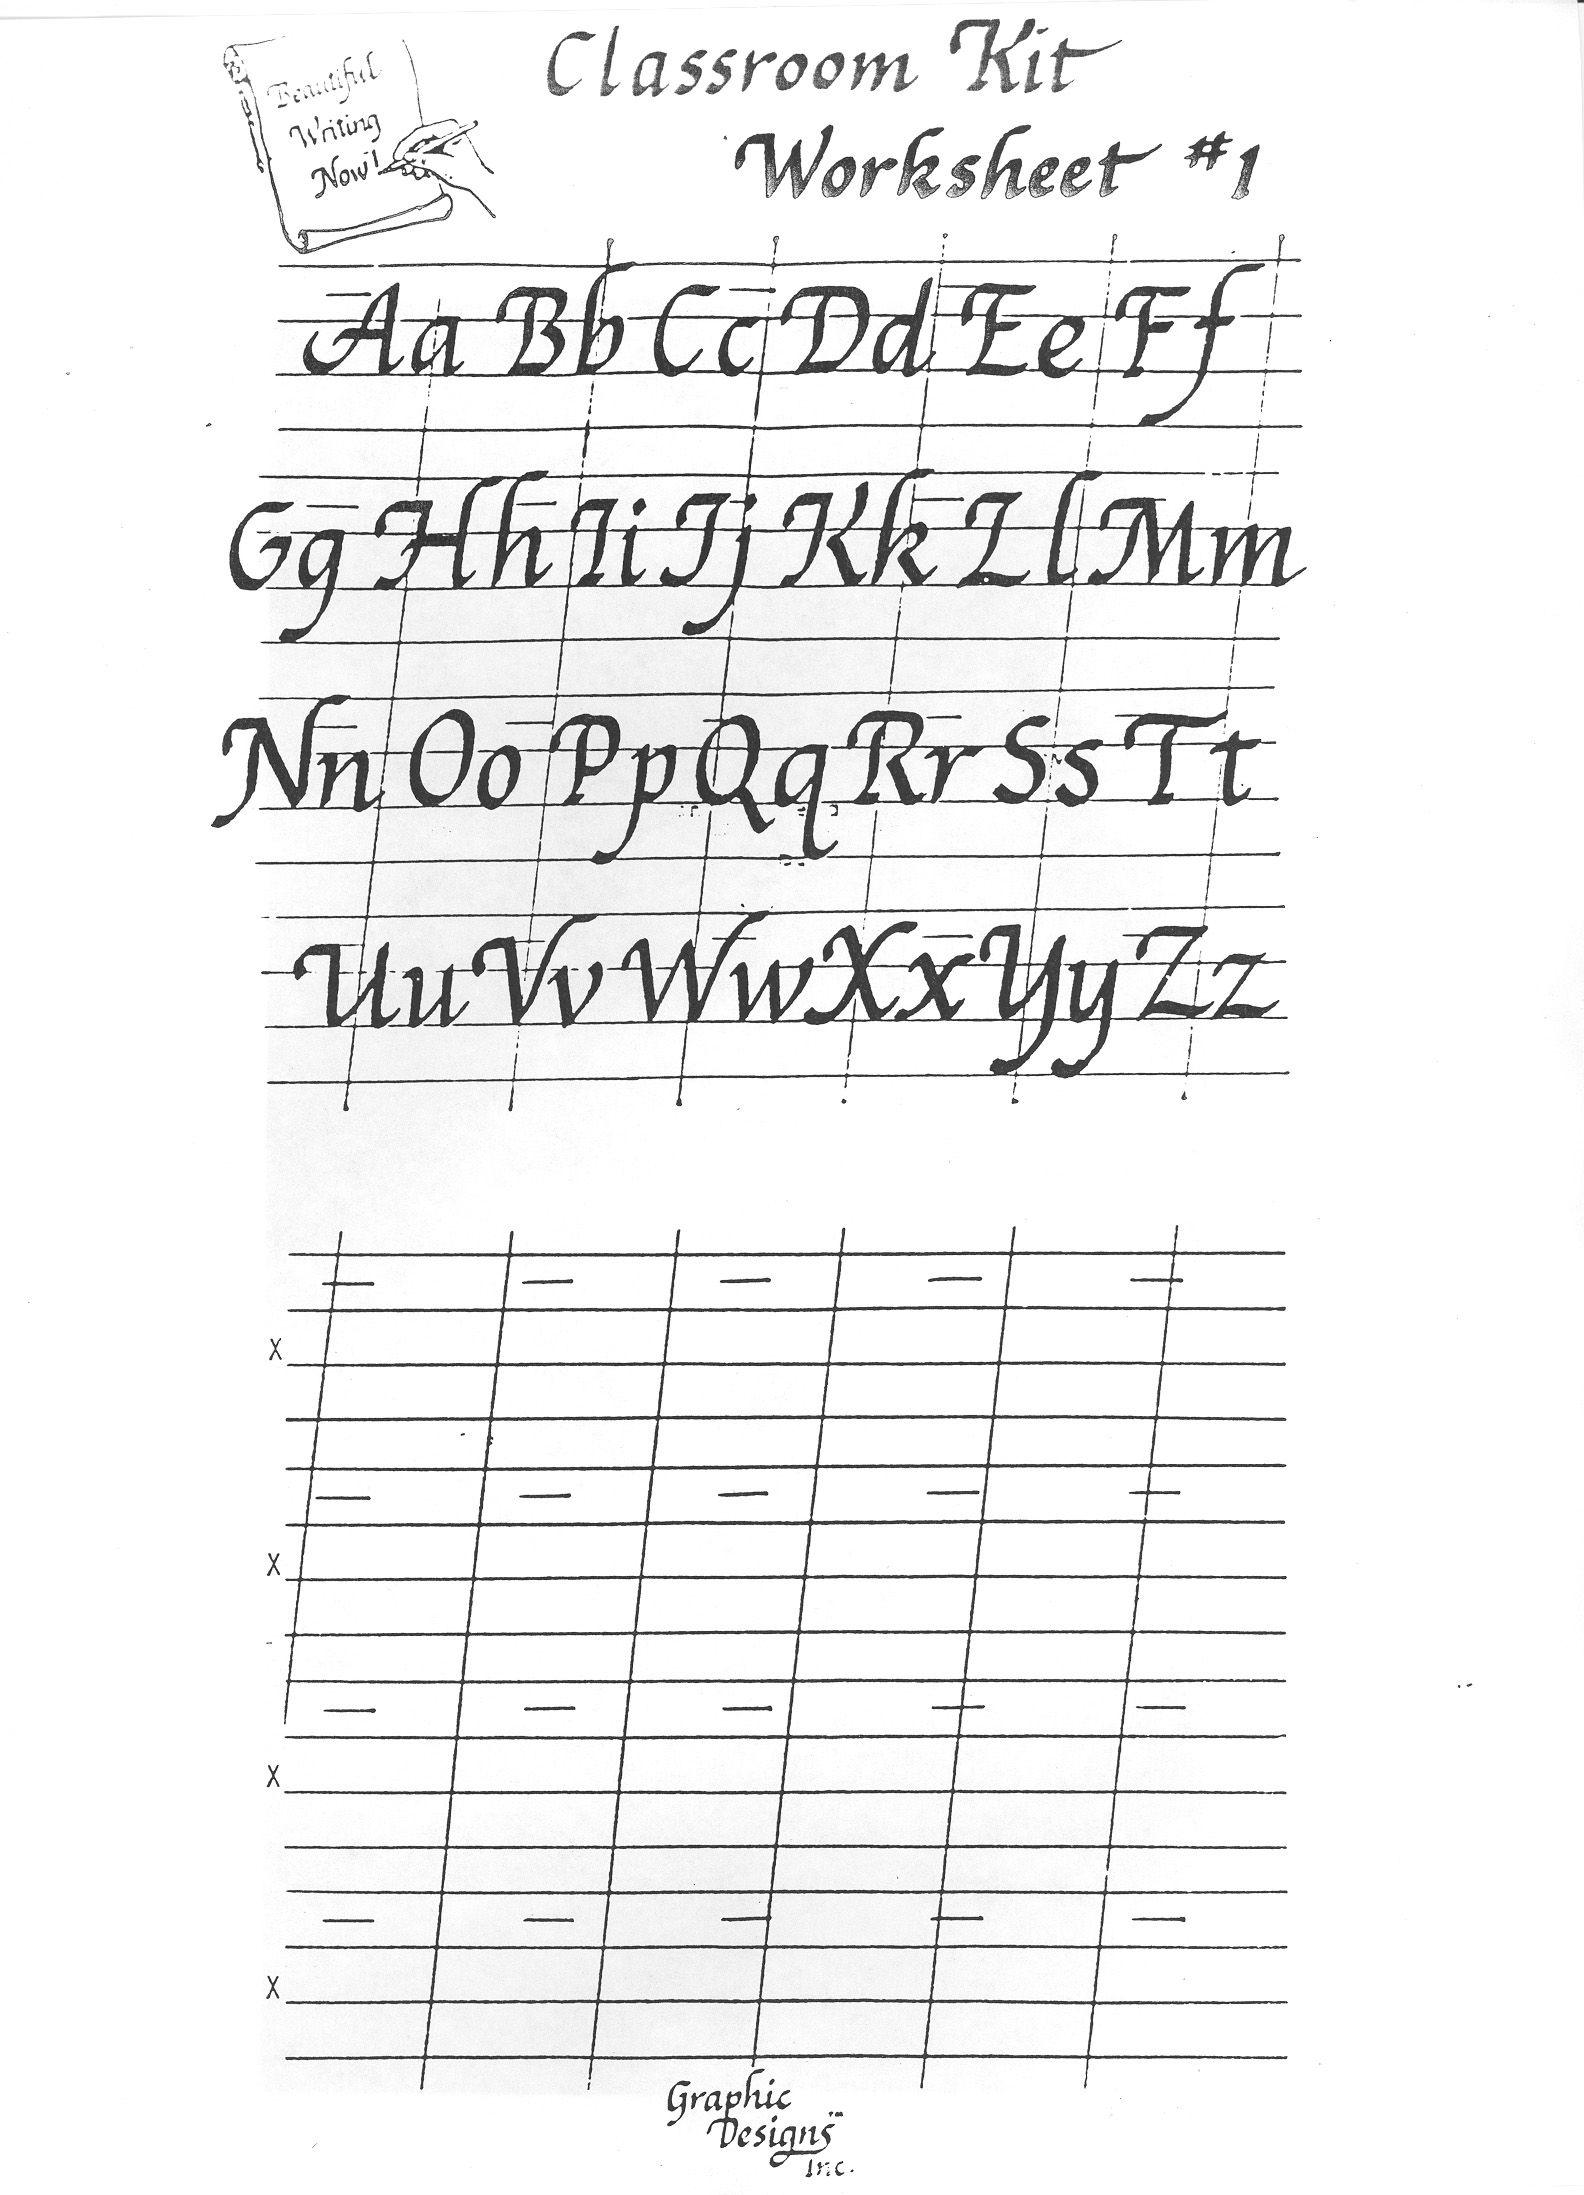 Free Printable Calligraphy Alphabet Practice Sheets   Scrapbooking - Calligraphy Practice Sheets Printable Free